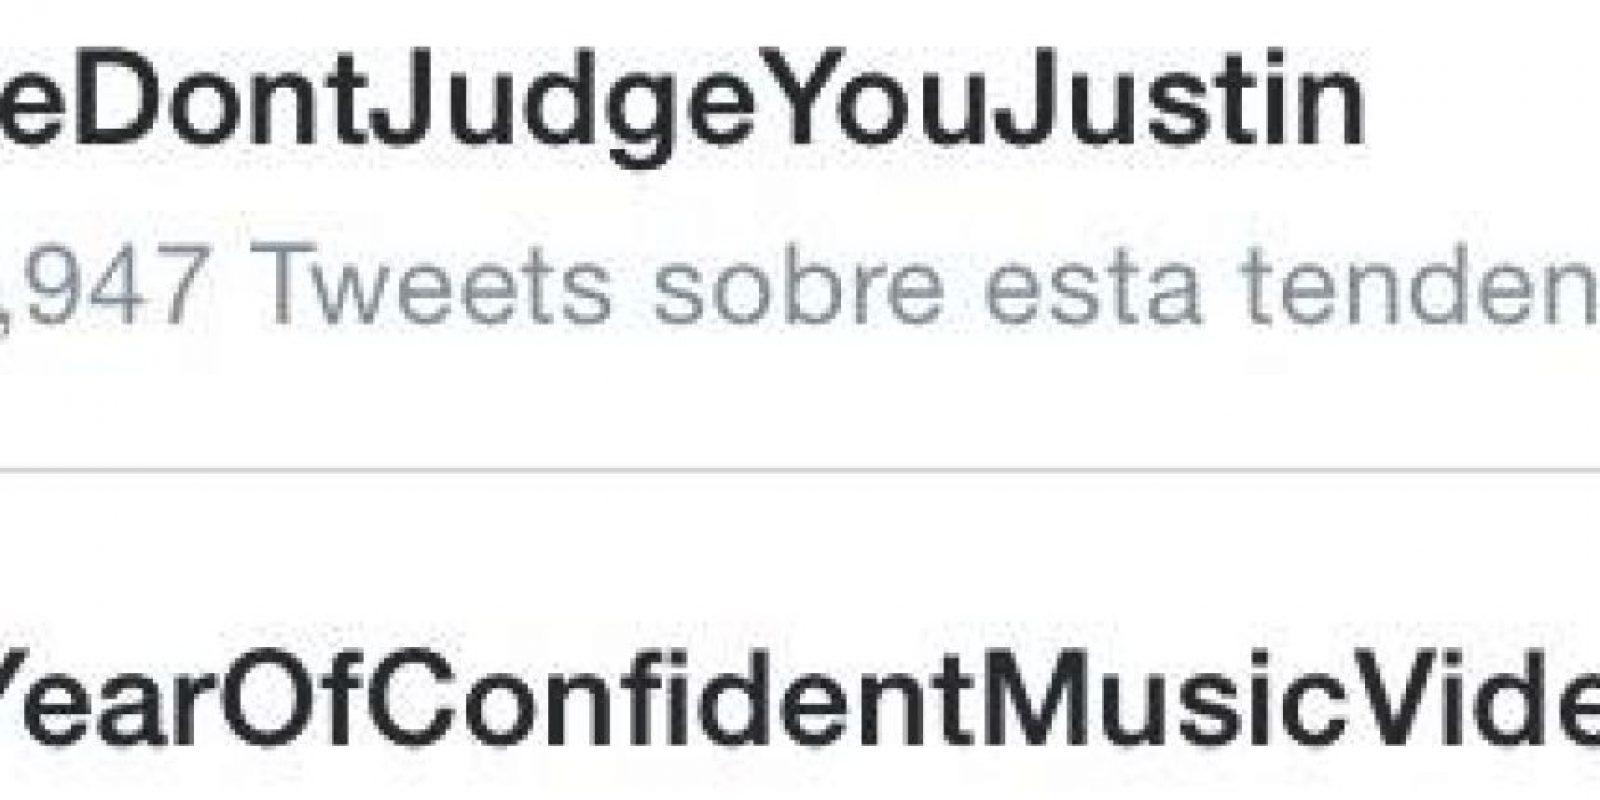 """Después de Justin presentara sus disculpas, las fans crearon el hashtag """"#wedontjudgeyoujustin"""" (Nosotros no te juzgamos Justin) Foto:Twitter"""